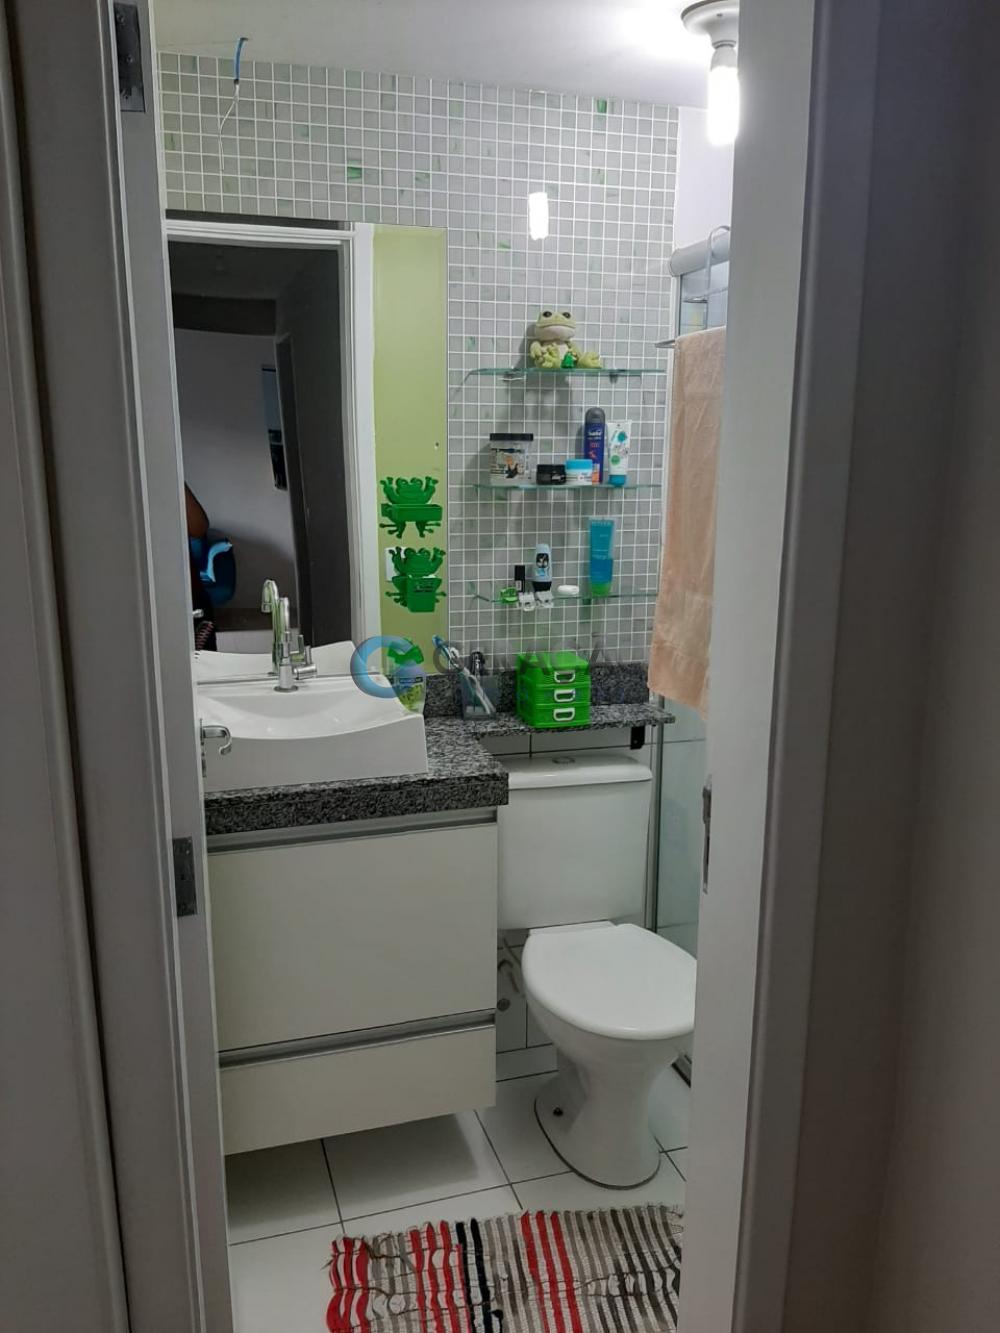 Comprar Apartamento / Padrão em São José dos Campos R$ 297.000,00 - Foto 11